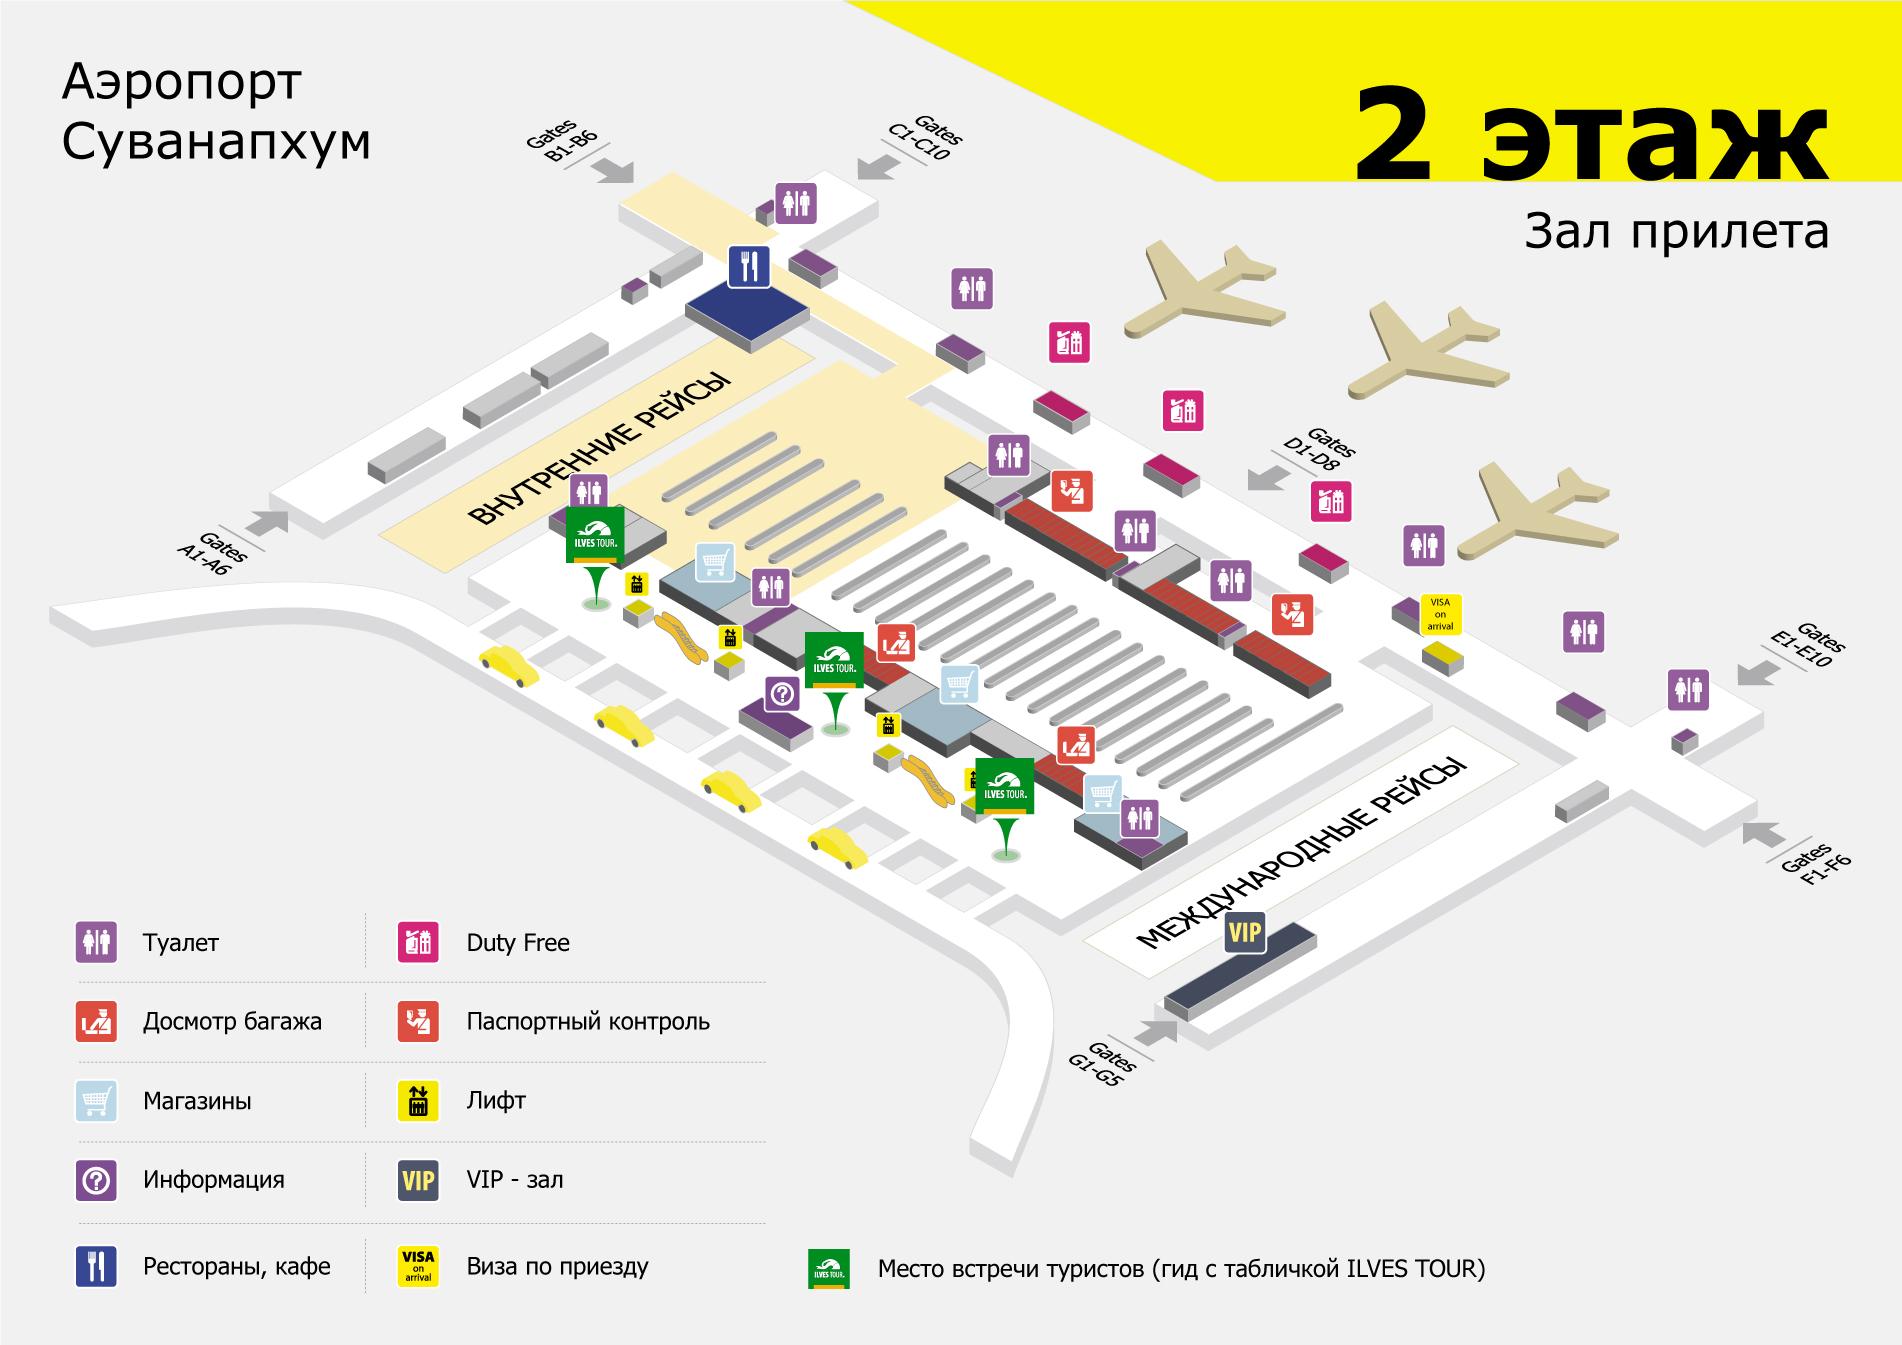 Международный аэропорт Бангкока Суванапхум. 2 этаж - зал прилета.